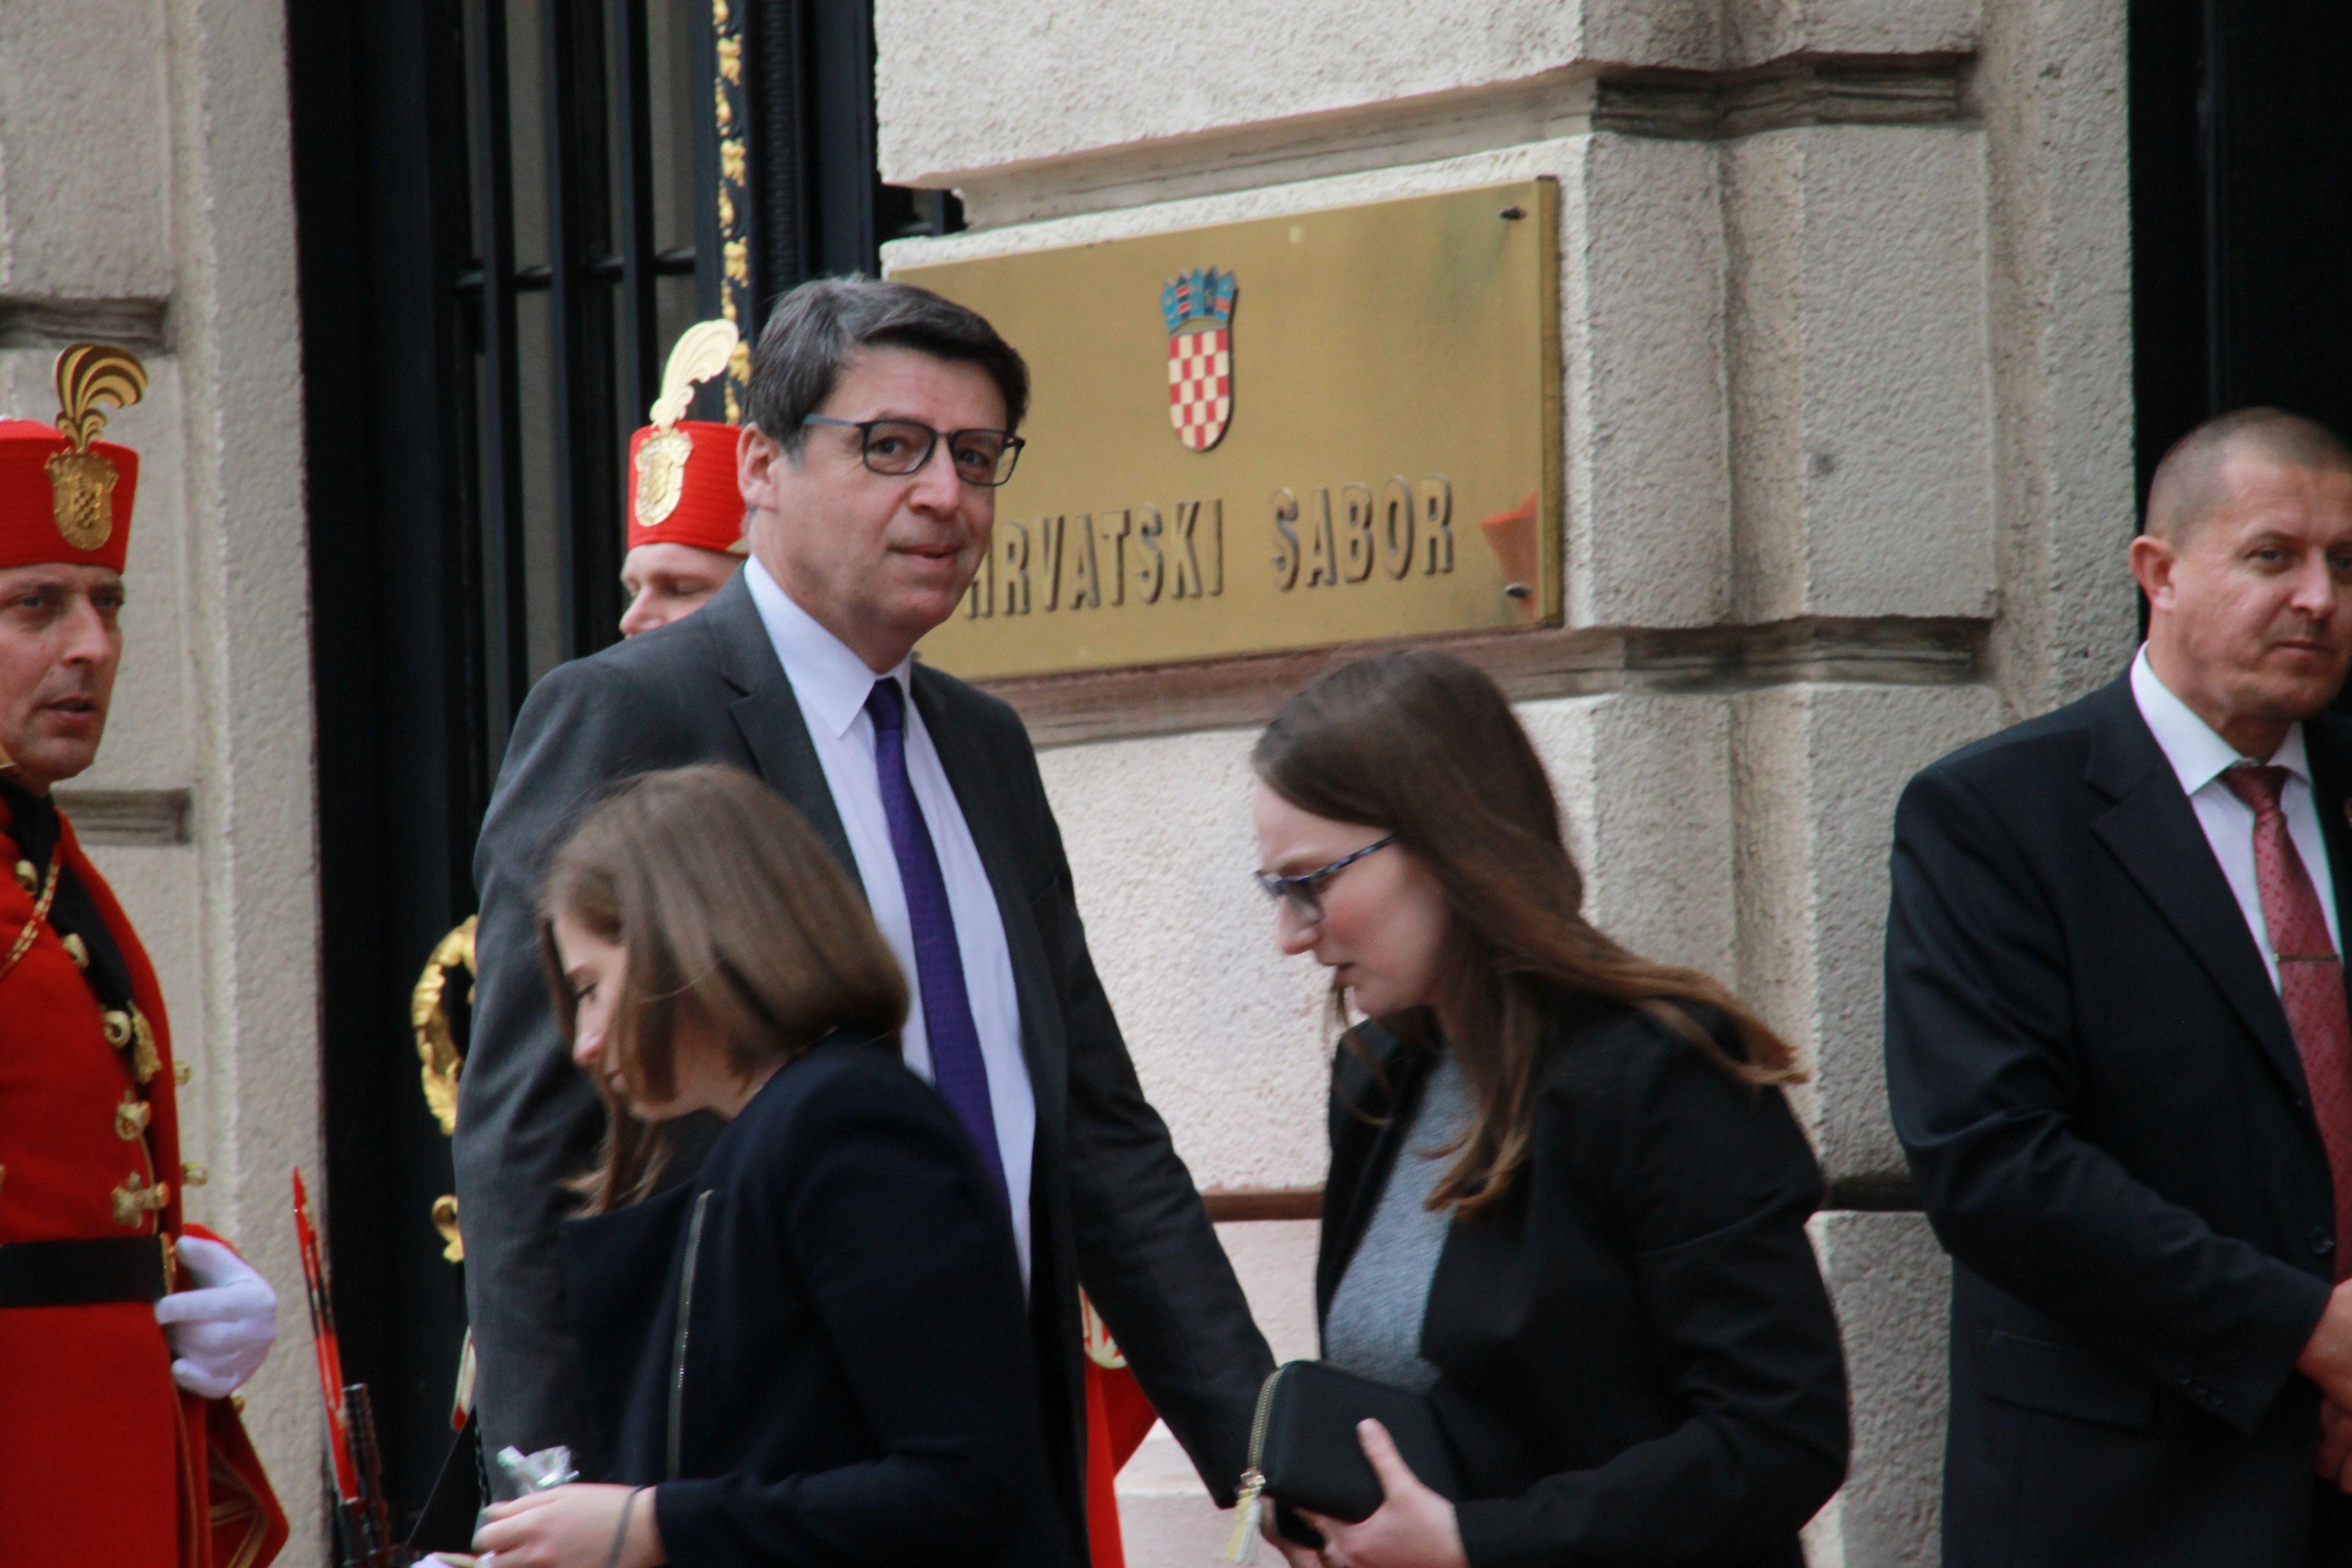 Željko Jovanović: Korupcija je bolest koja je zahvatila hrvatsko društvo